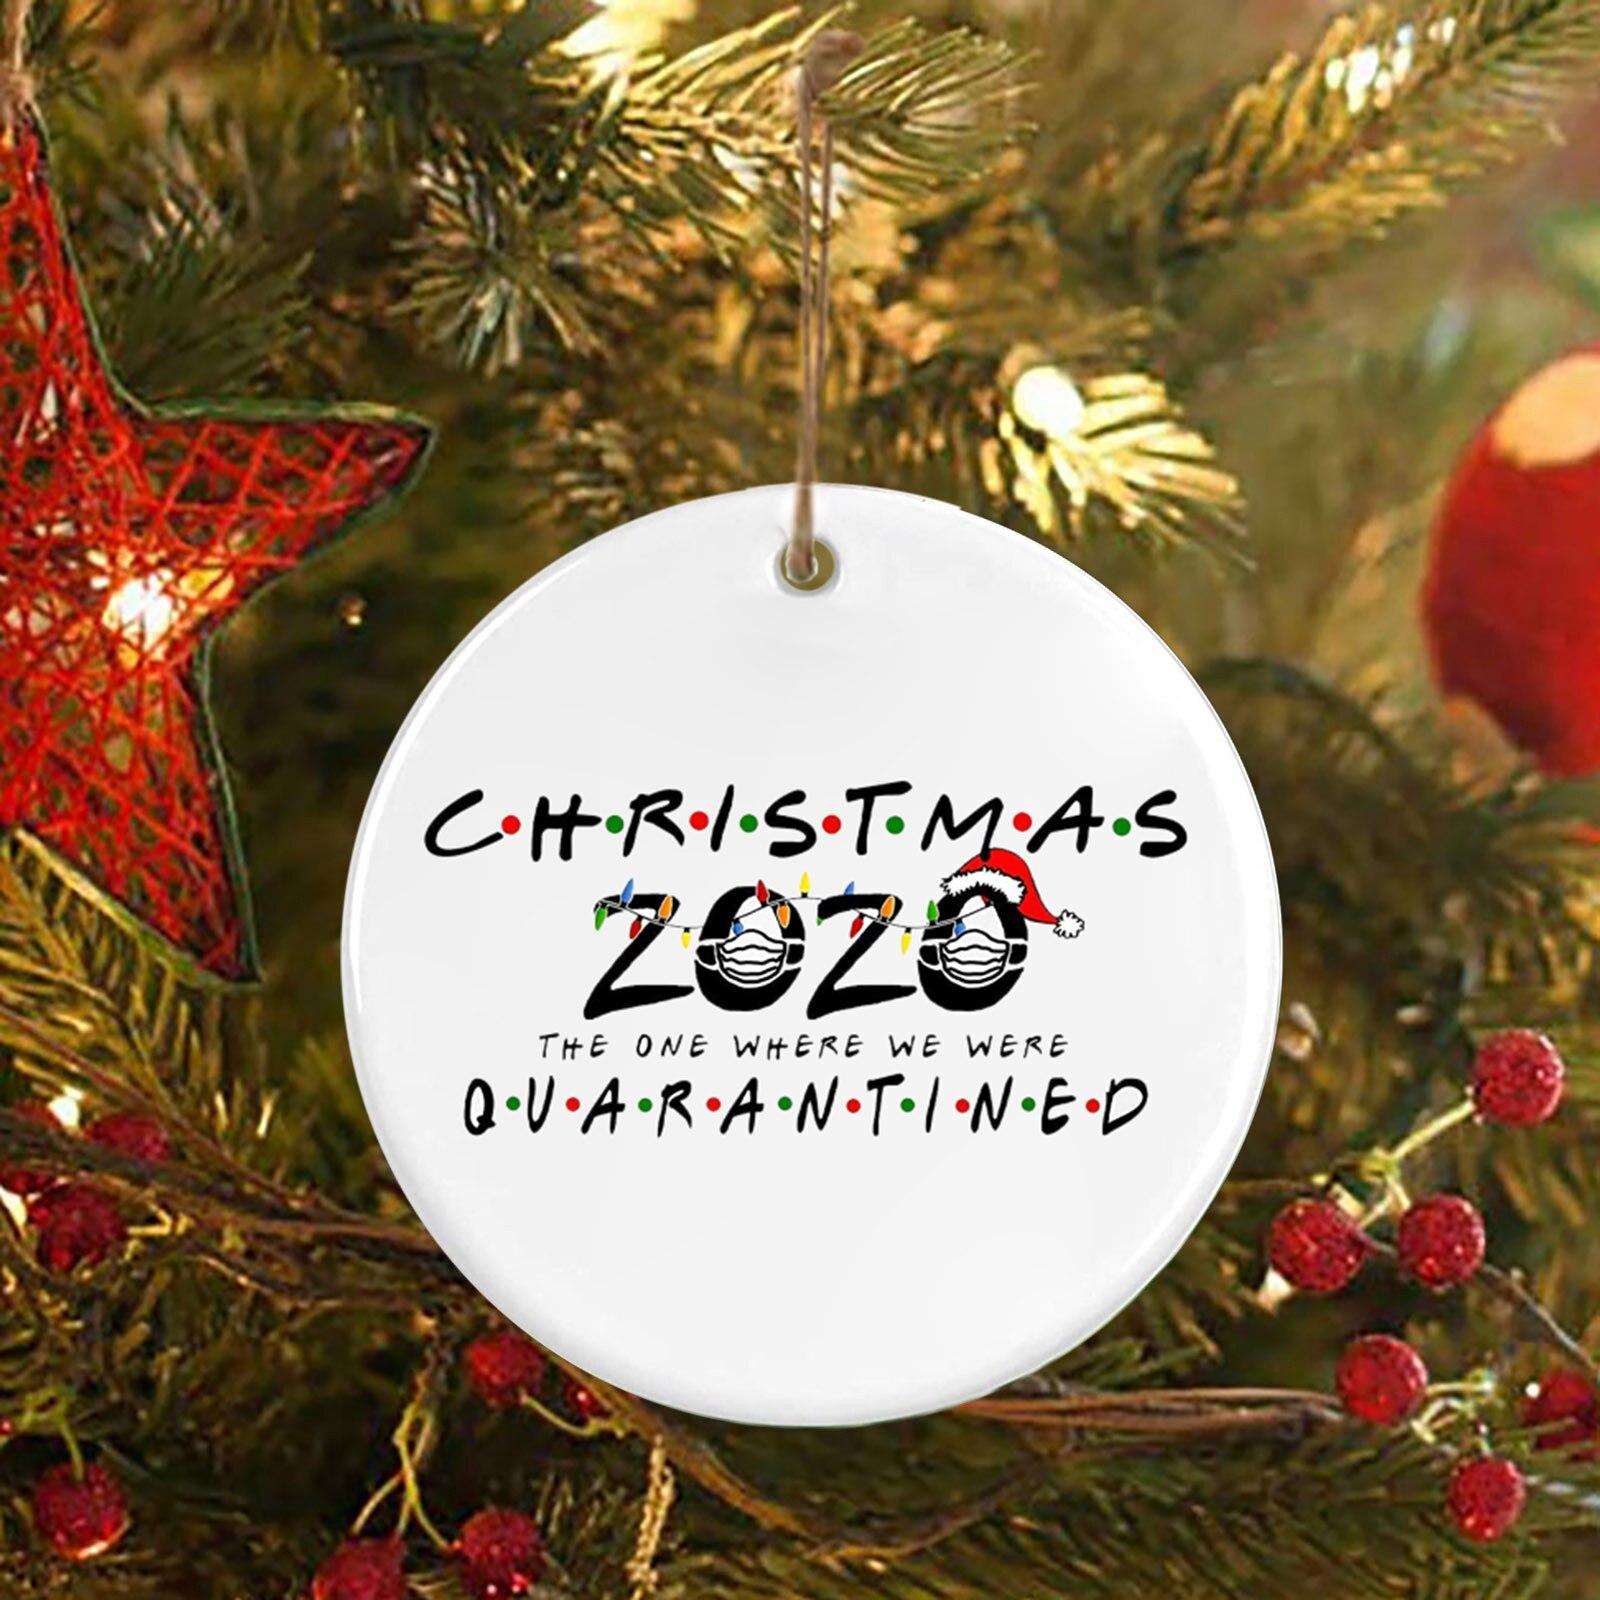 2020 Хэллоуин Рождество украшение подарок друзья праздник Декор Санта шляпа Рождественское дерево украшение Рождество Navidad